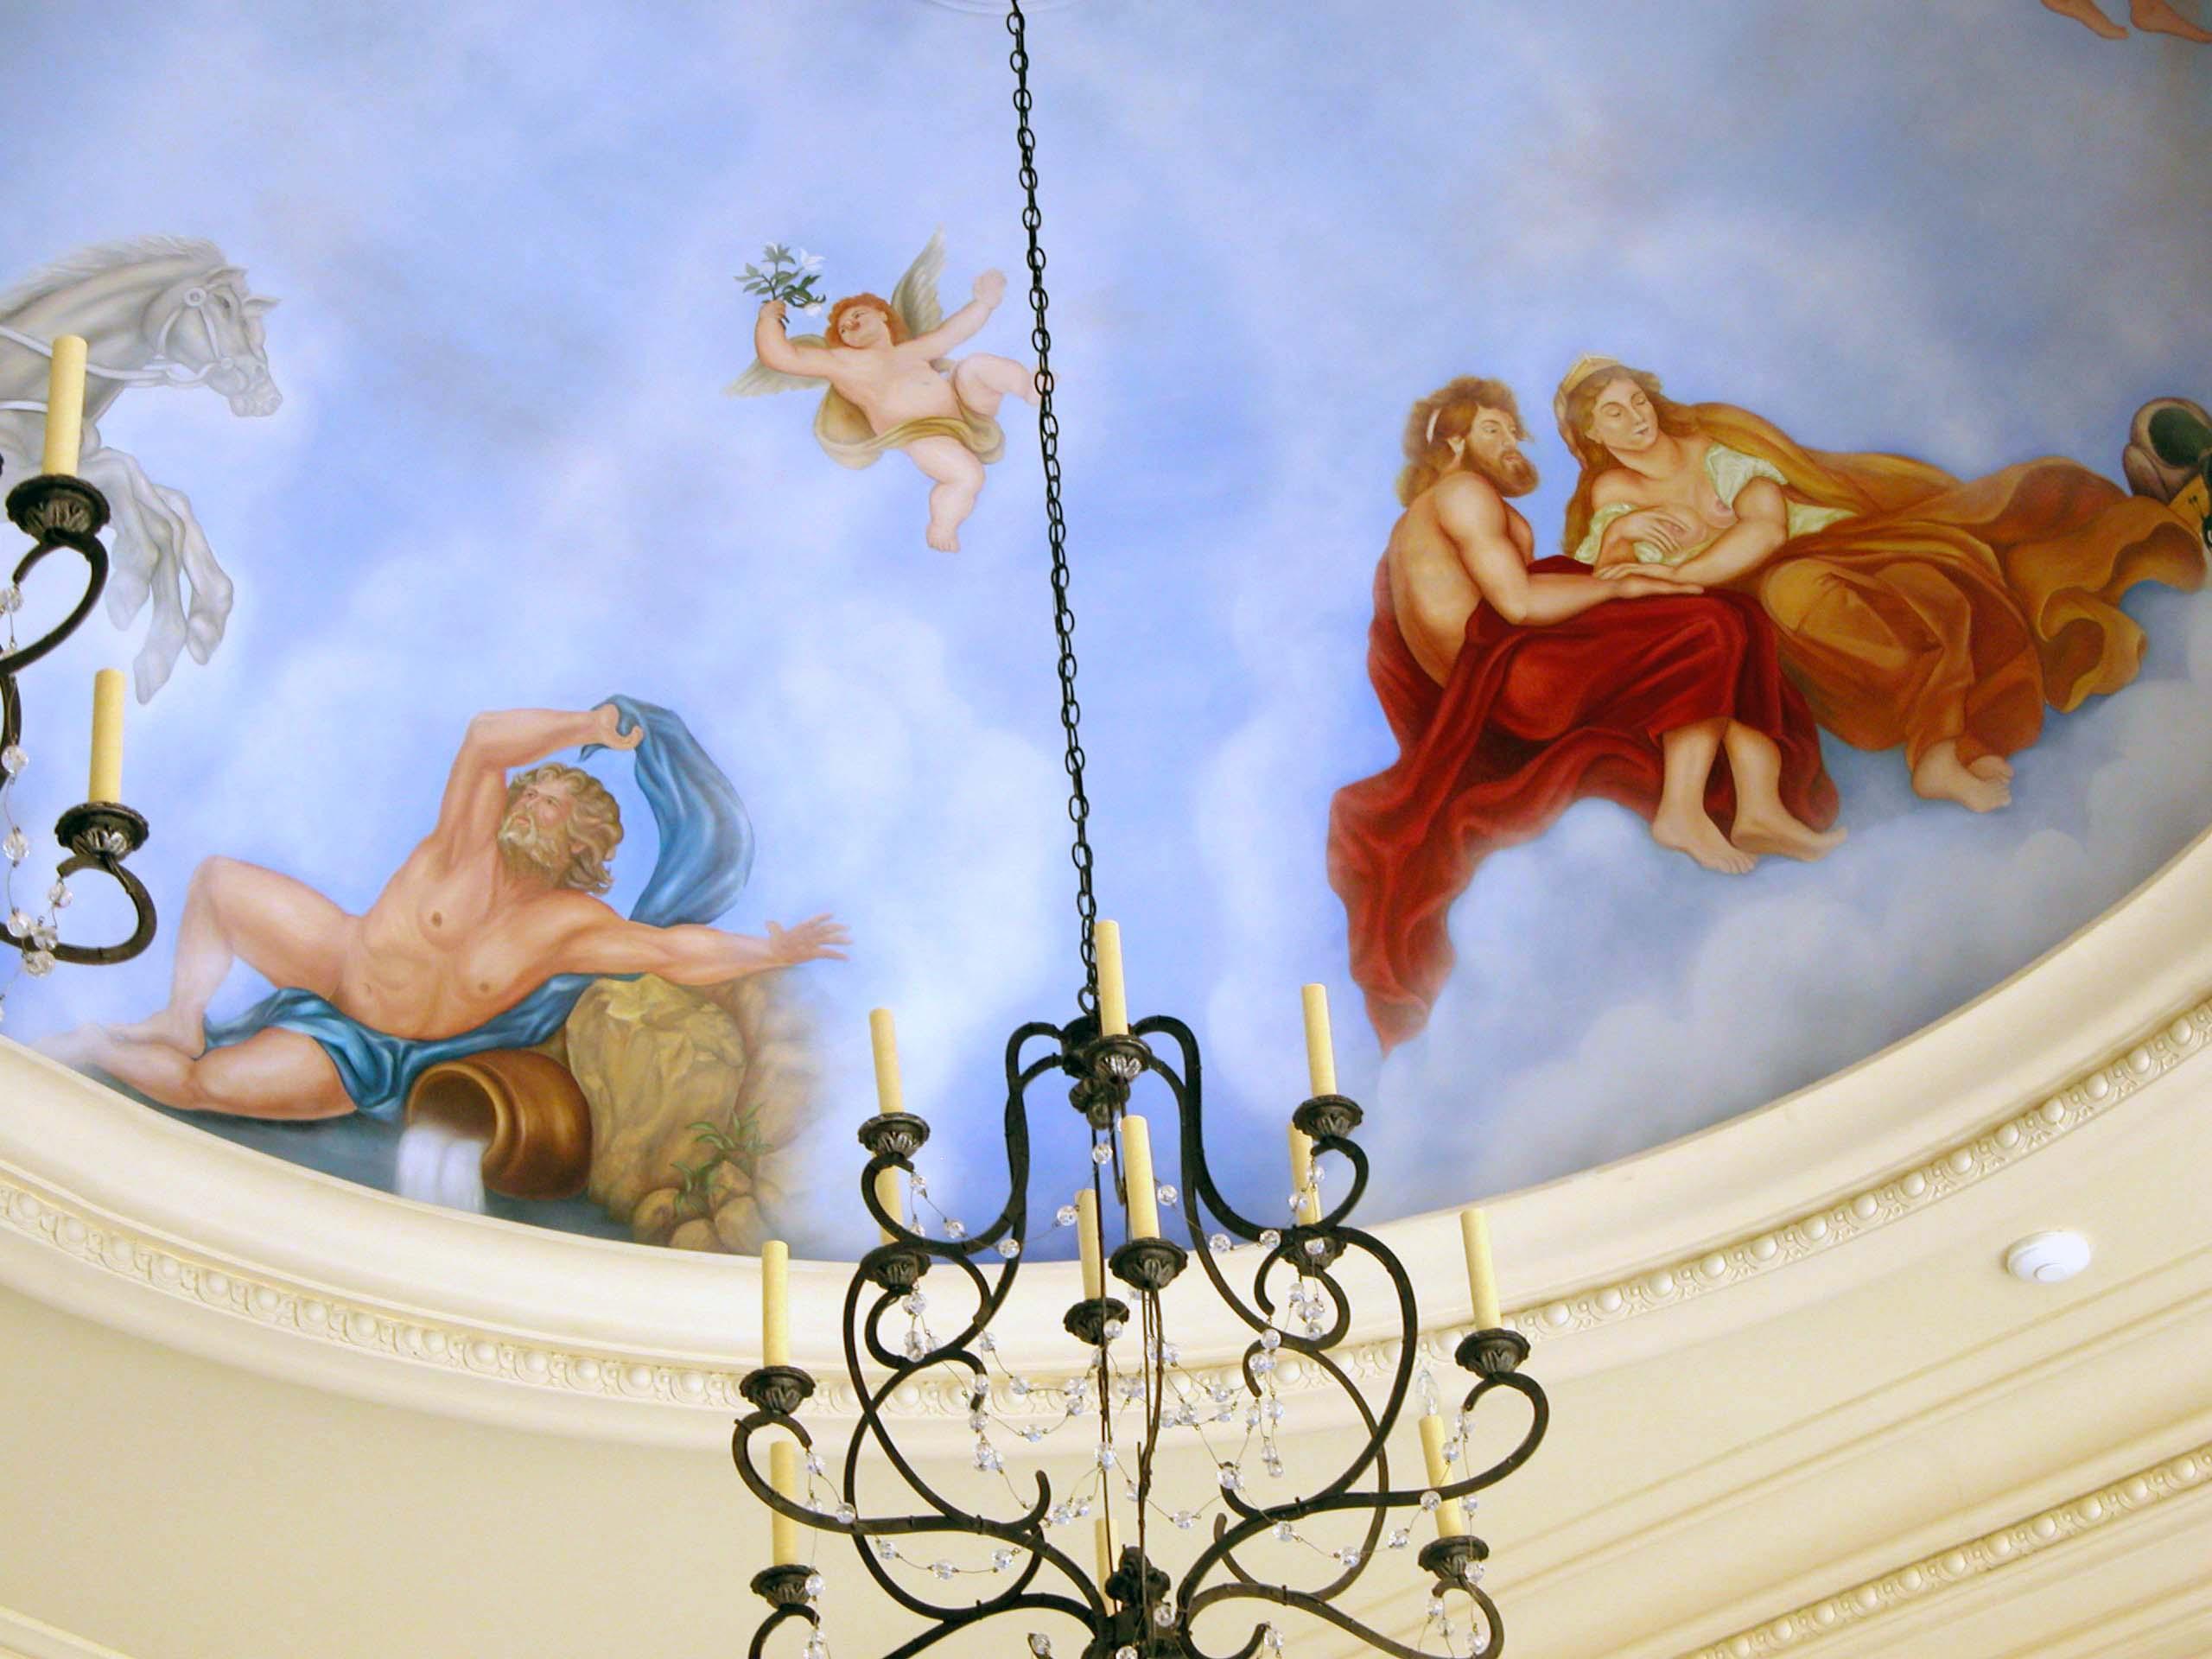 Mural & Dome Saddle River NJ